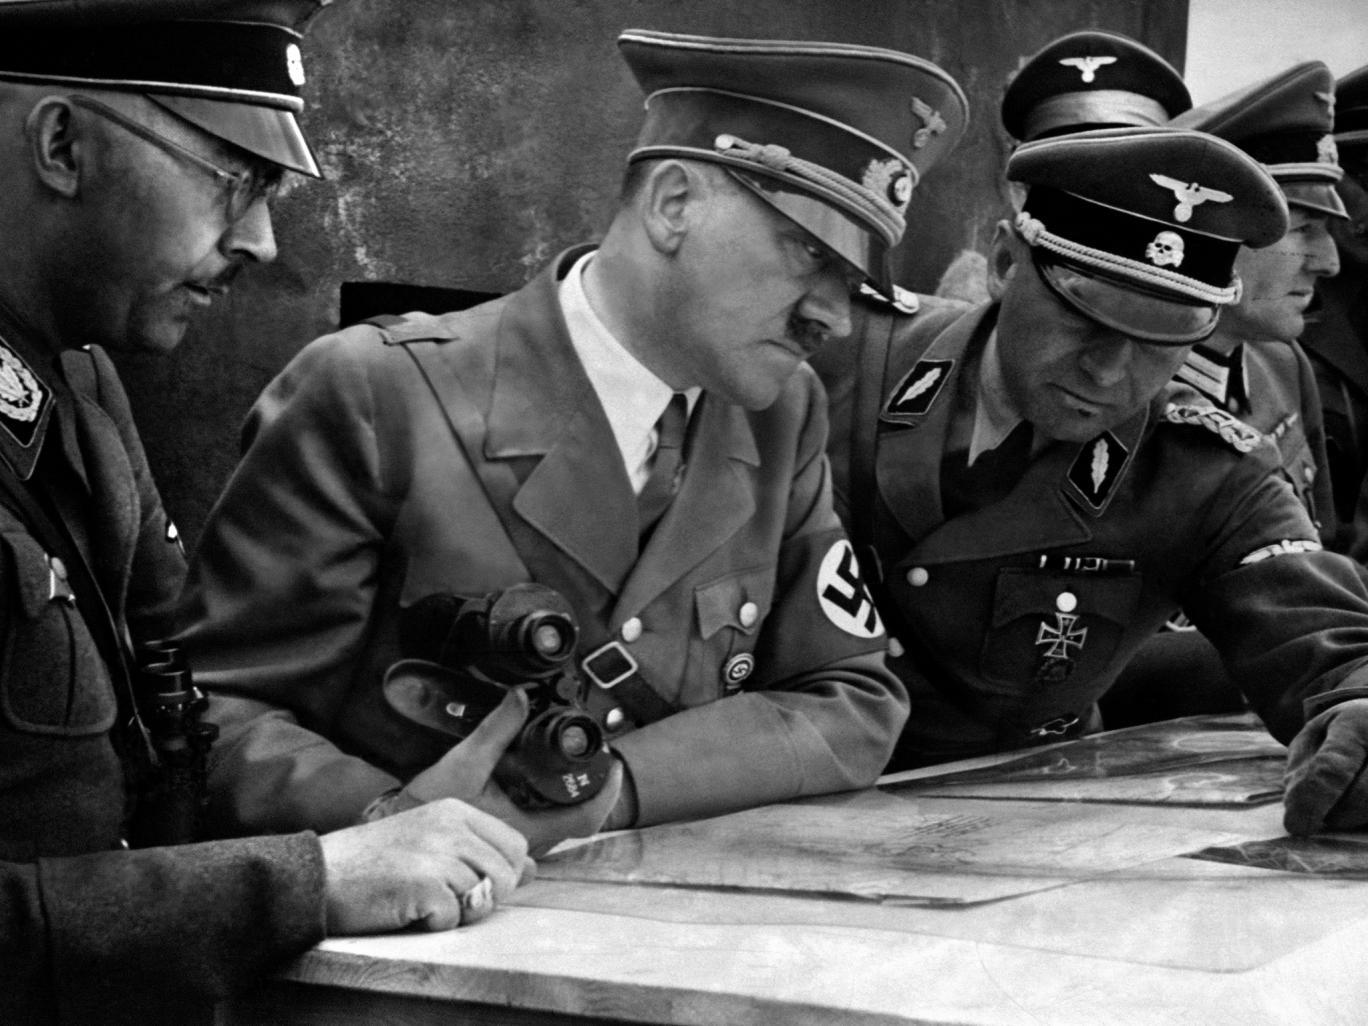 Ποια αντρική πάθηση είχε ο Χίτλερ; [photos] - Φωτογραφία 3